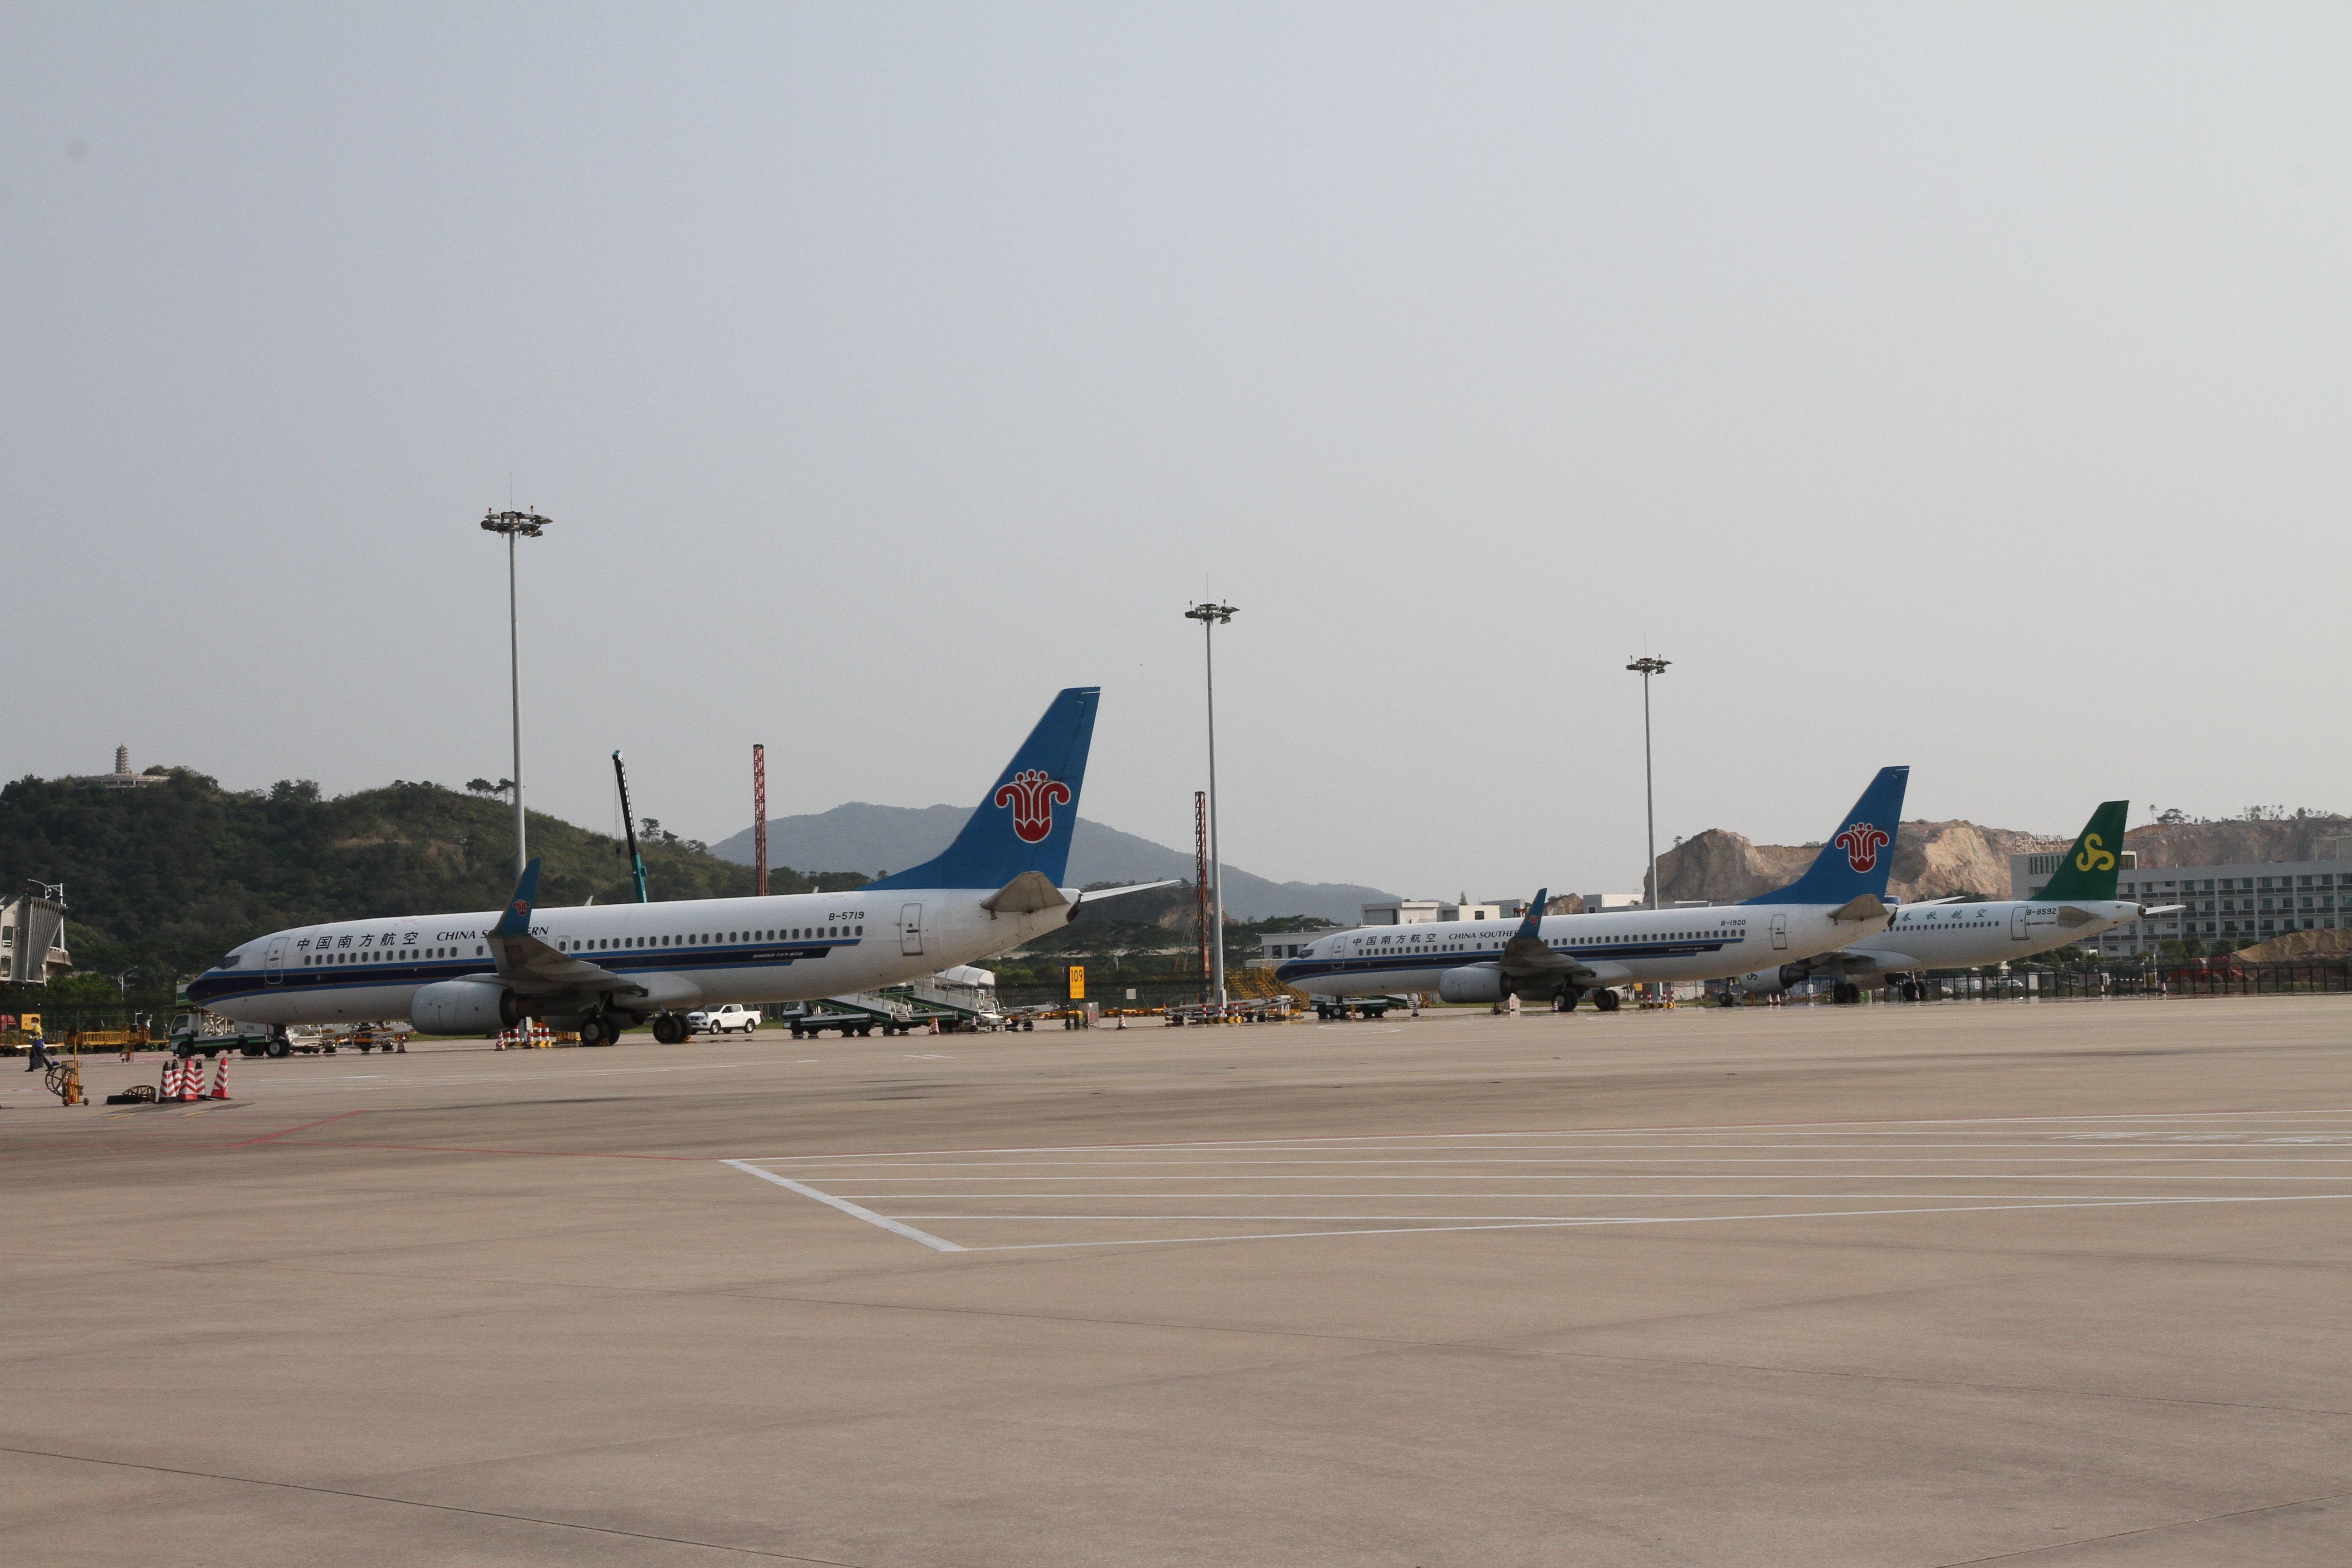 昨天起 潮汕国际机场暂停所有国际地区航班